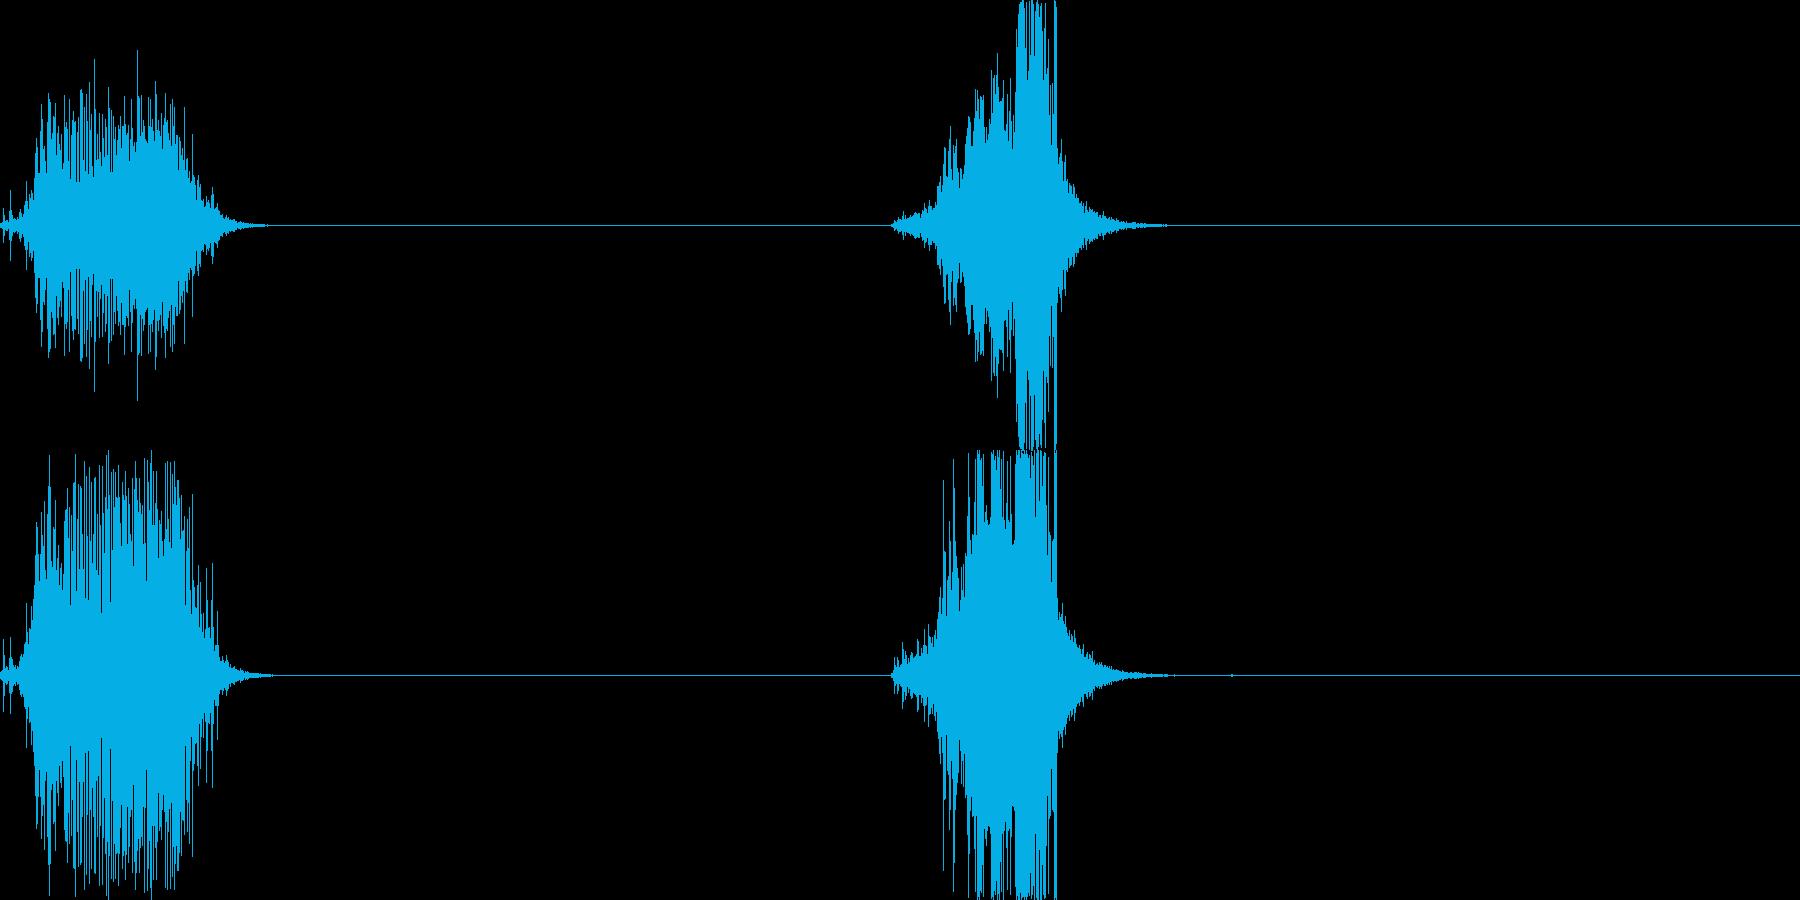 メジャー01の再生済みの波形